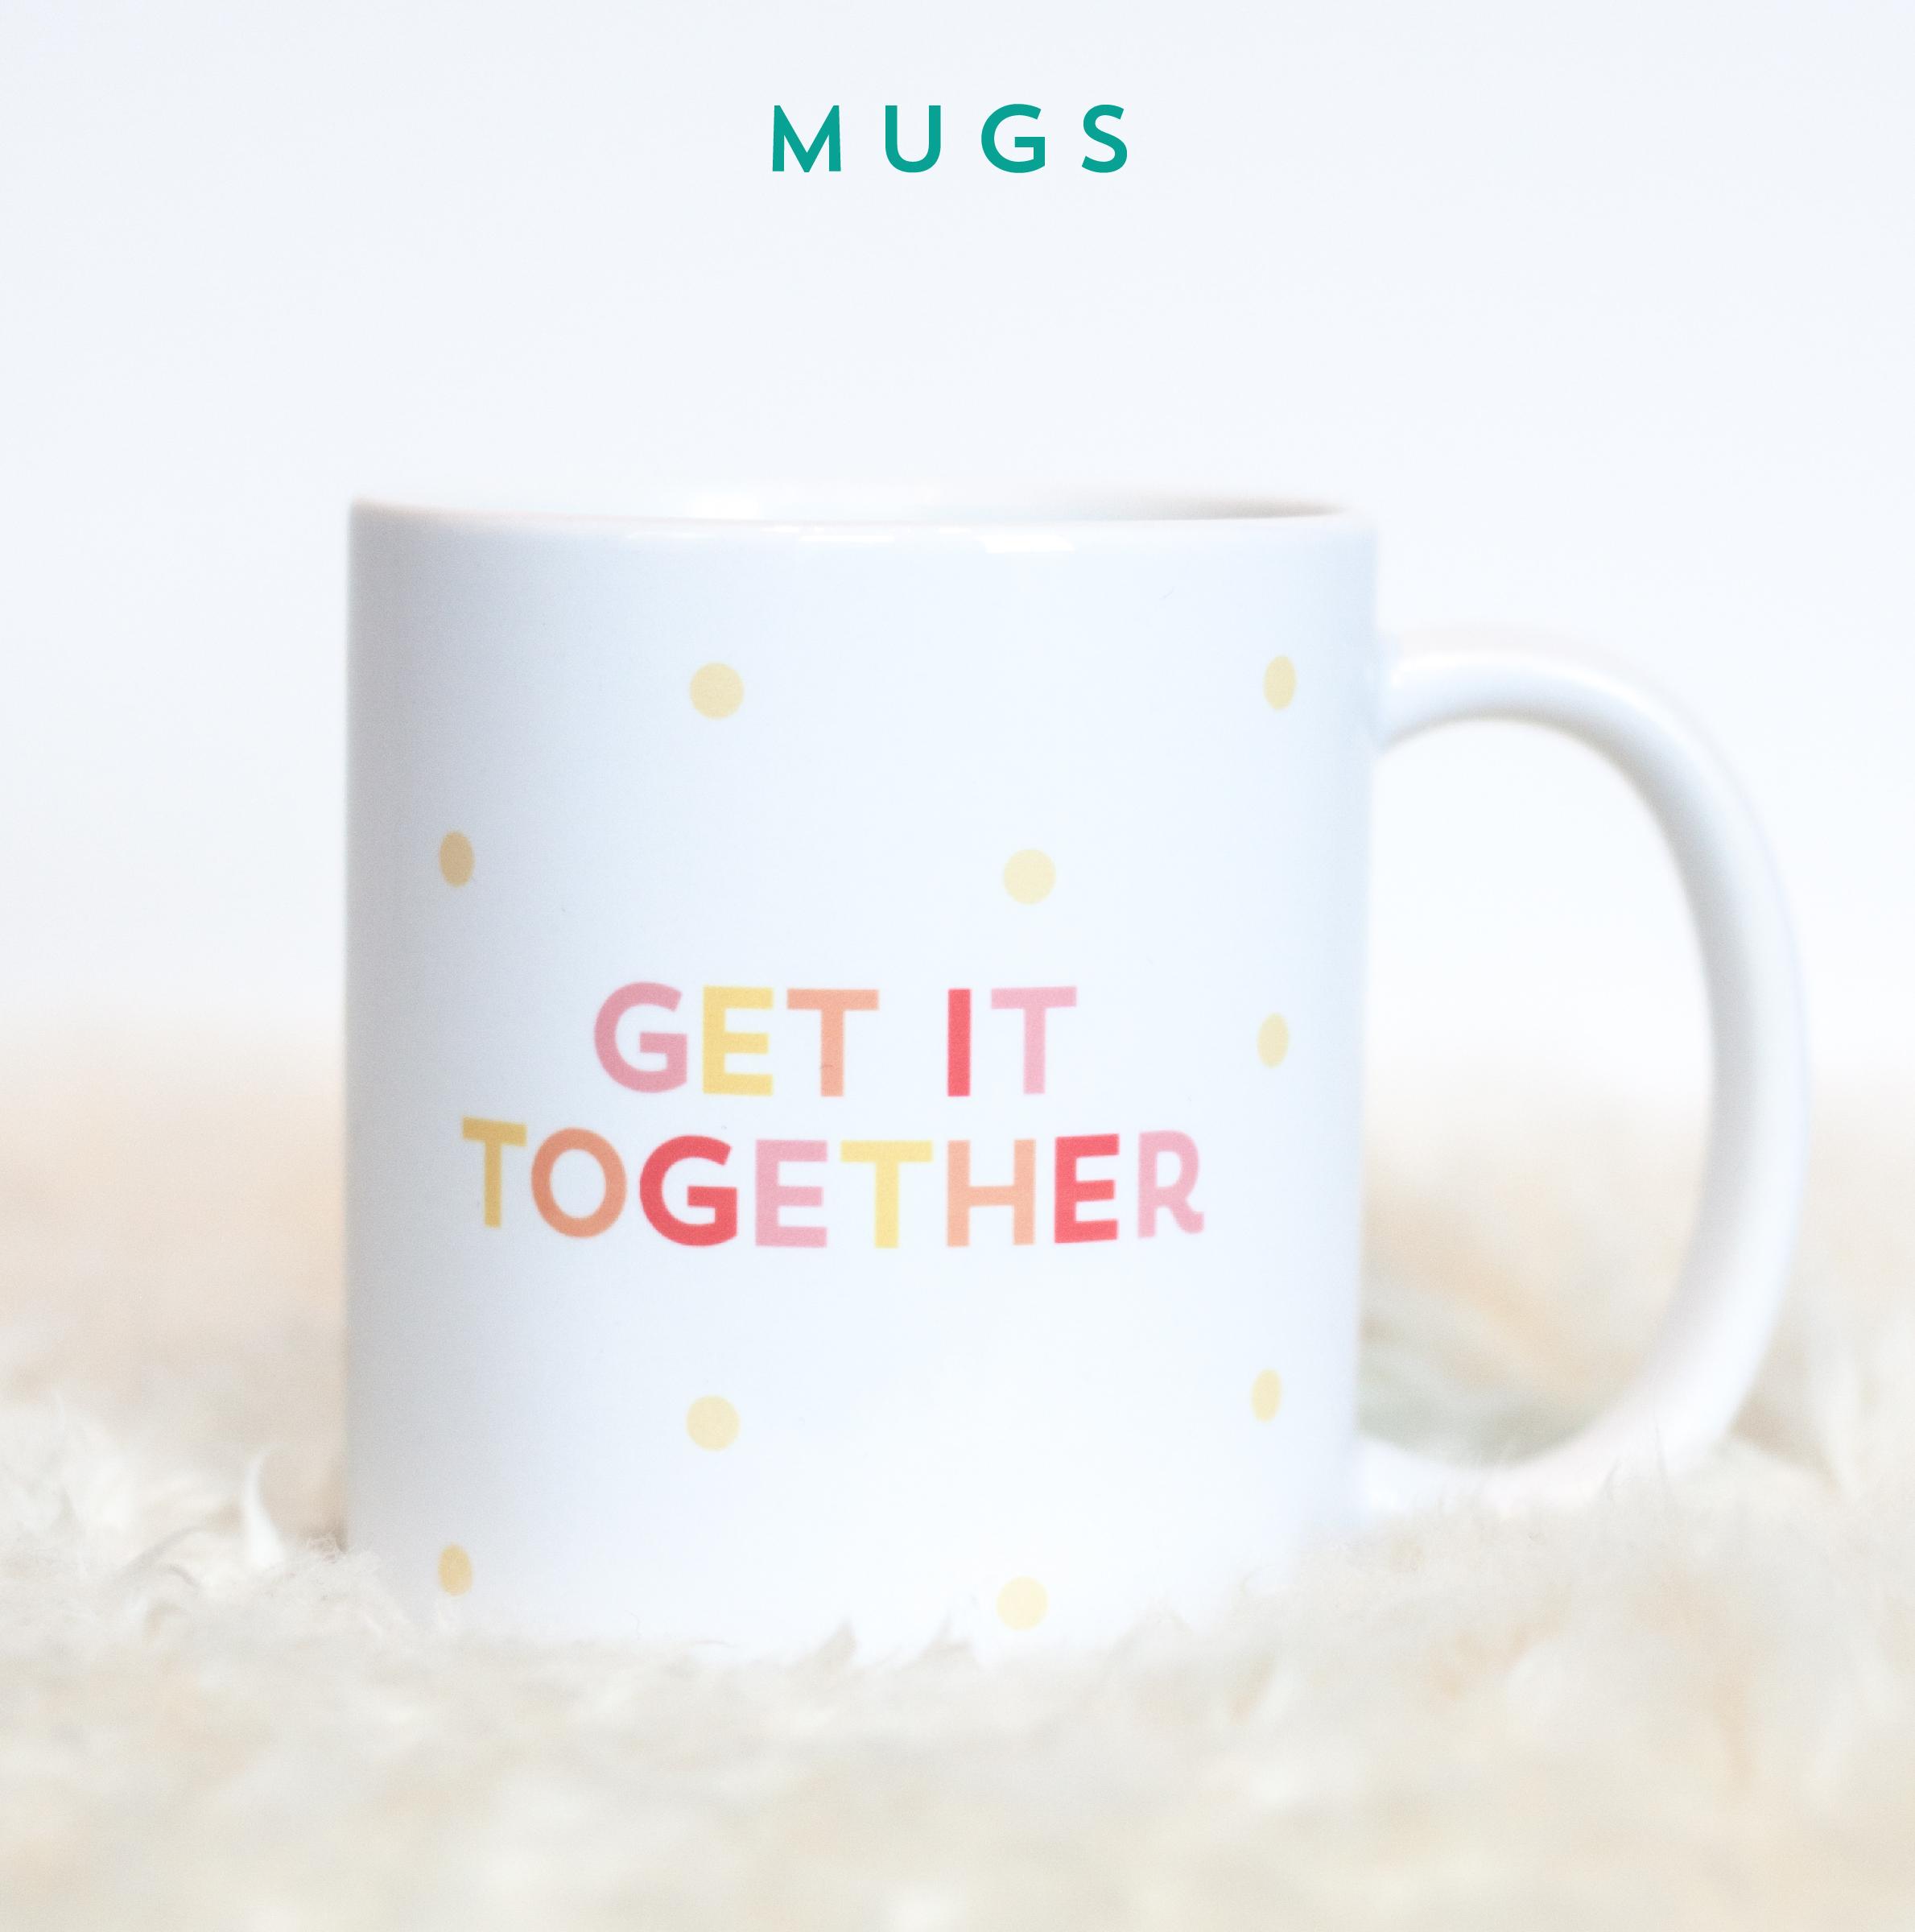 MUGG-01.jpg